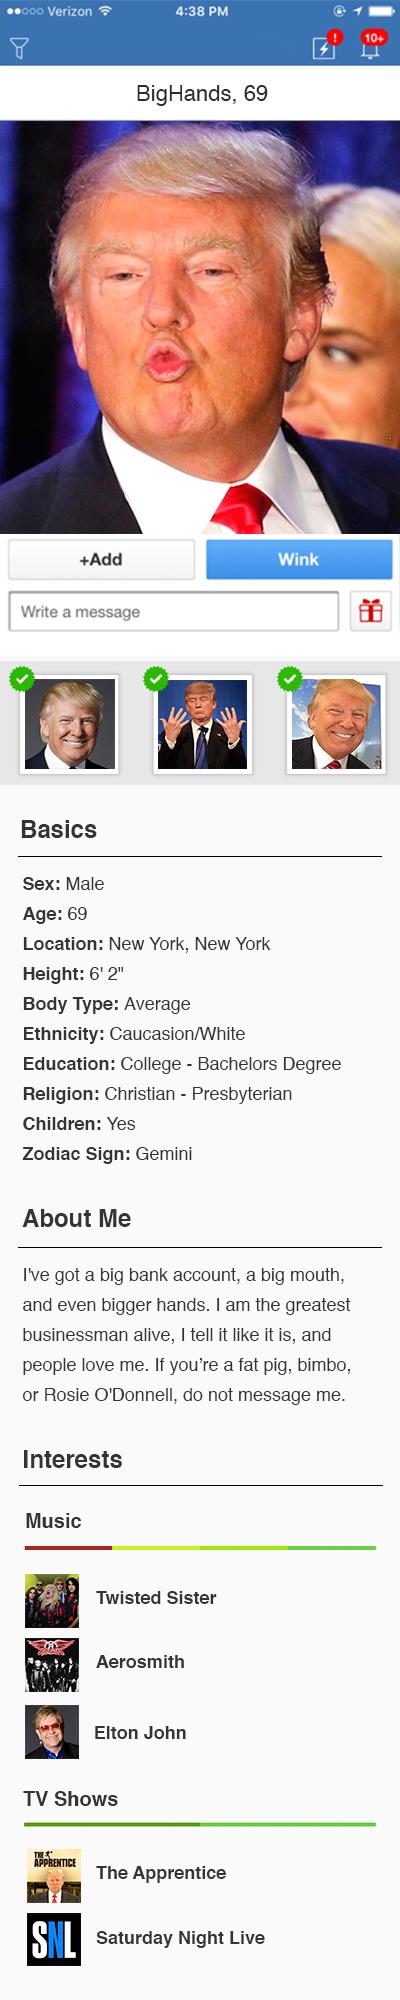 tomboy dating reddit